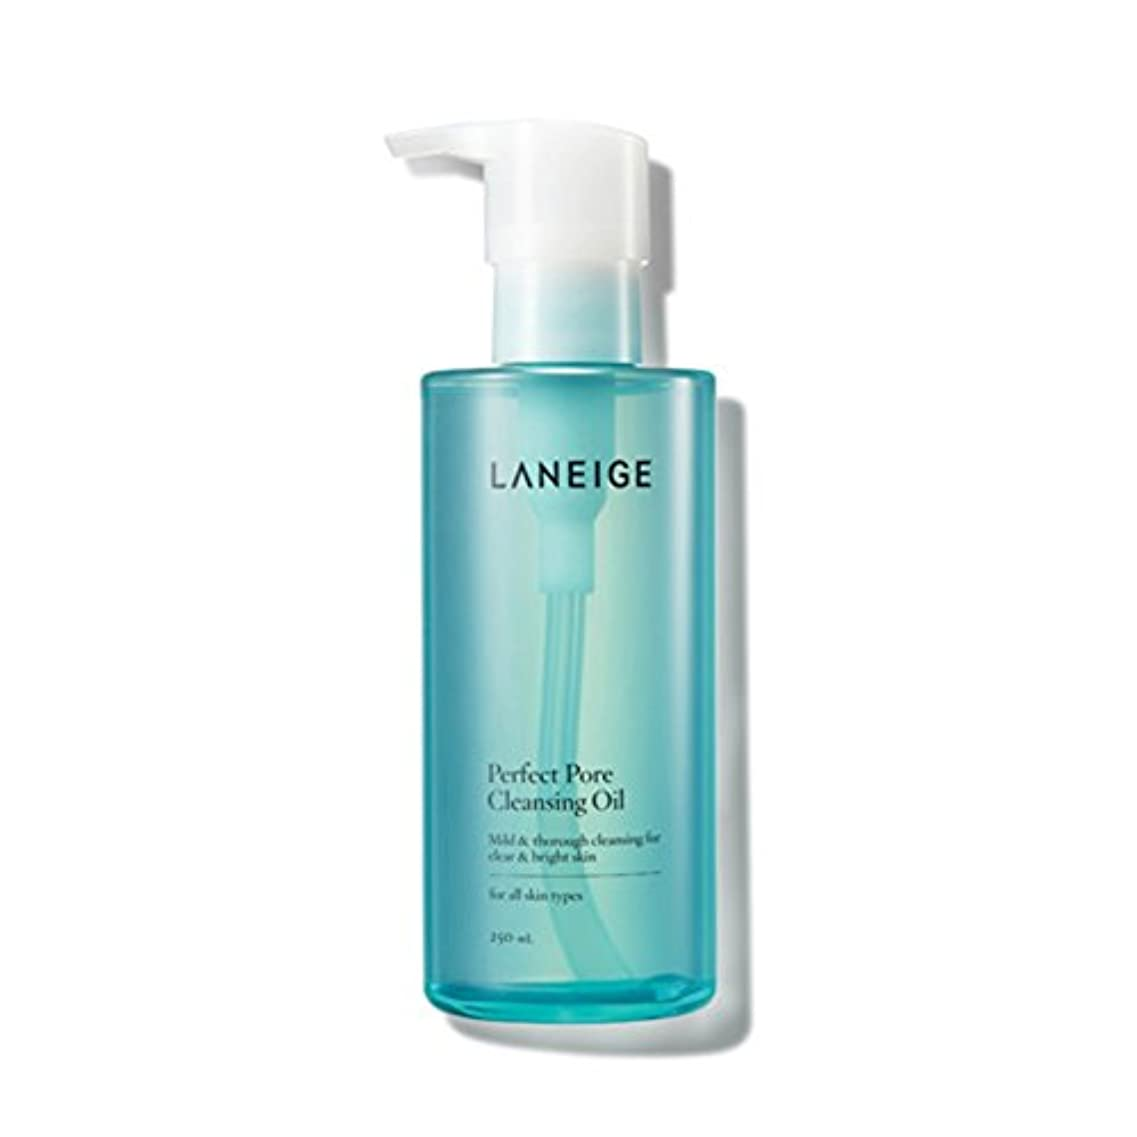 誤解貧困のり[ラネージュ/ LANEIGE] ラネージュ パーフェクトポア クレンジングオイル 250ml/ Perfect Pore Cleansing Oil +[Sample Gift](海外直送品)